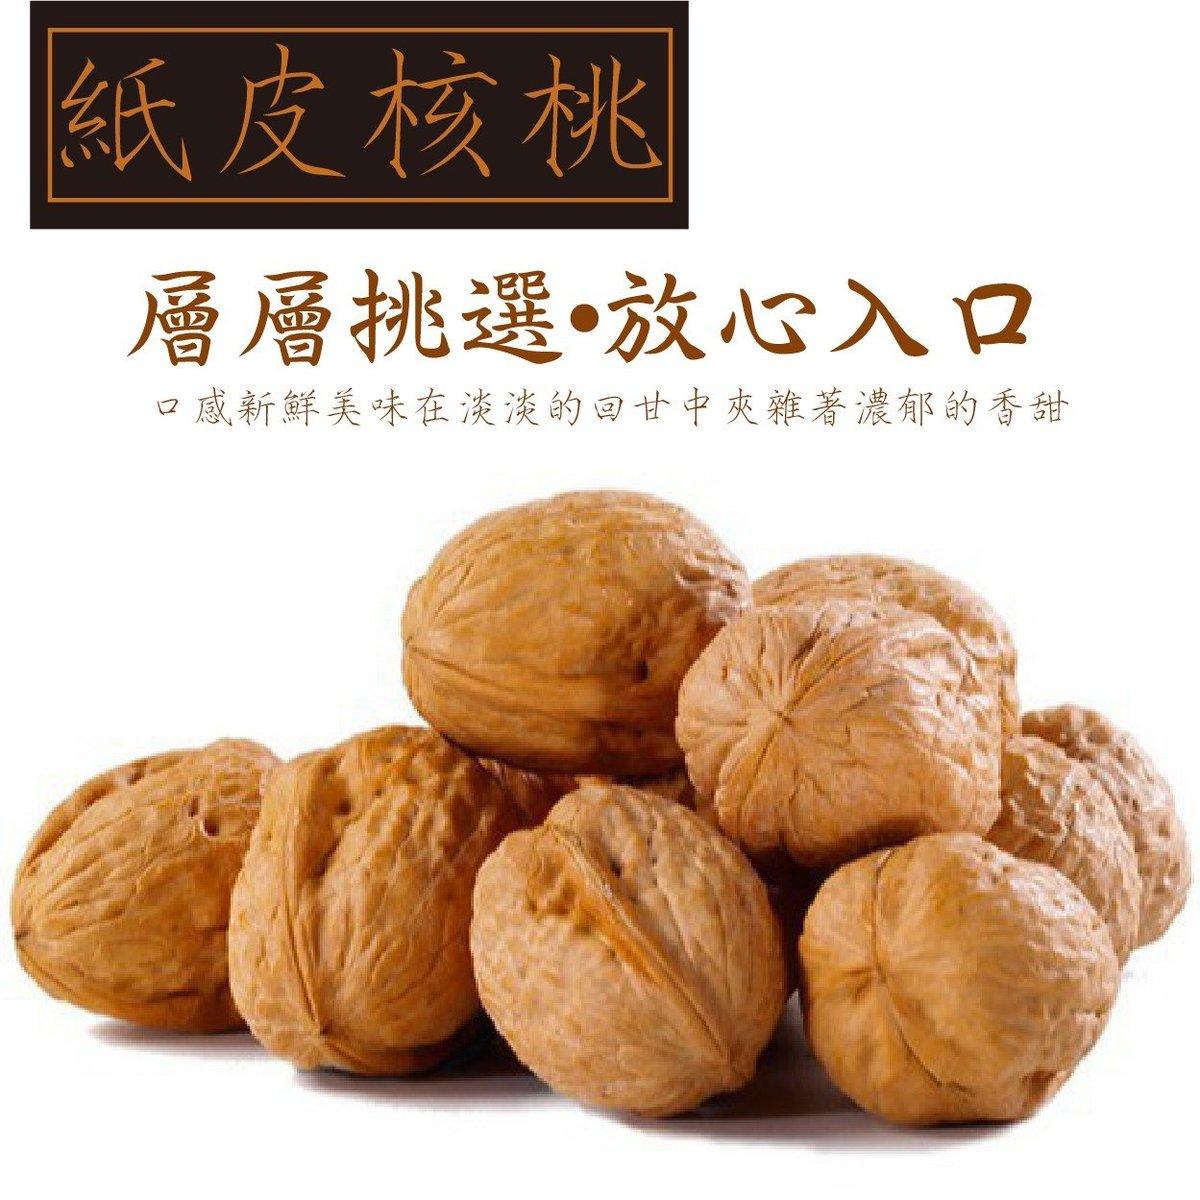 紙皮核桃 - 雲南特產 (共重400-450G)